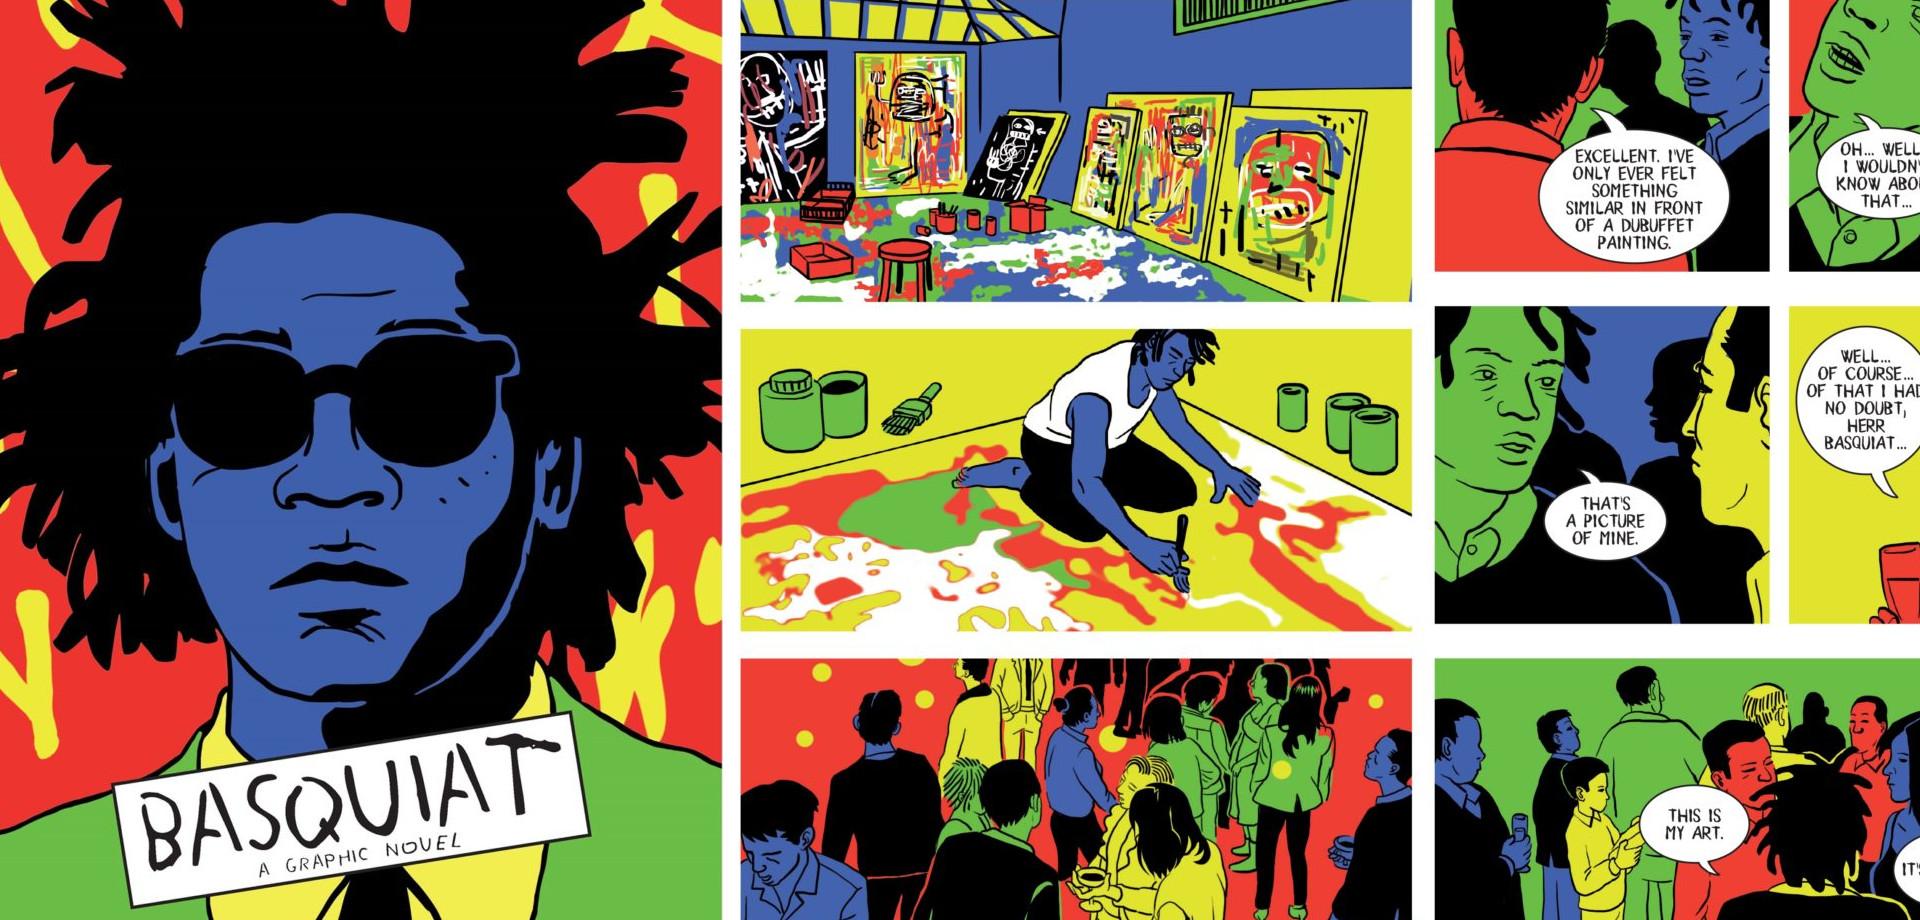 La obra gráfica detalla los claroscuros en la vida de Basquiat